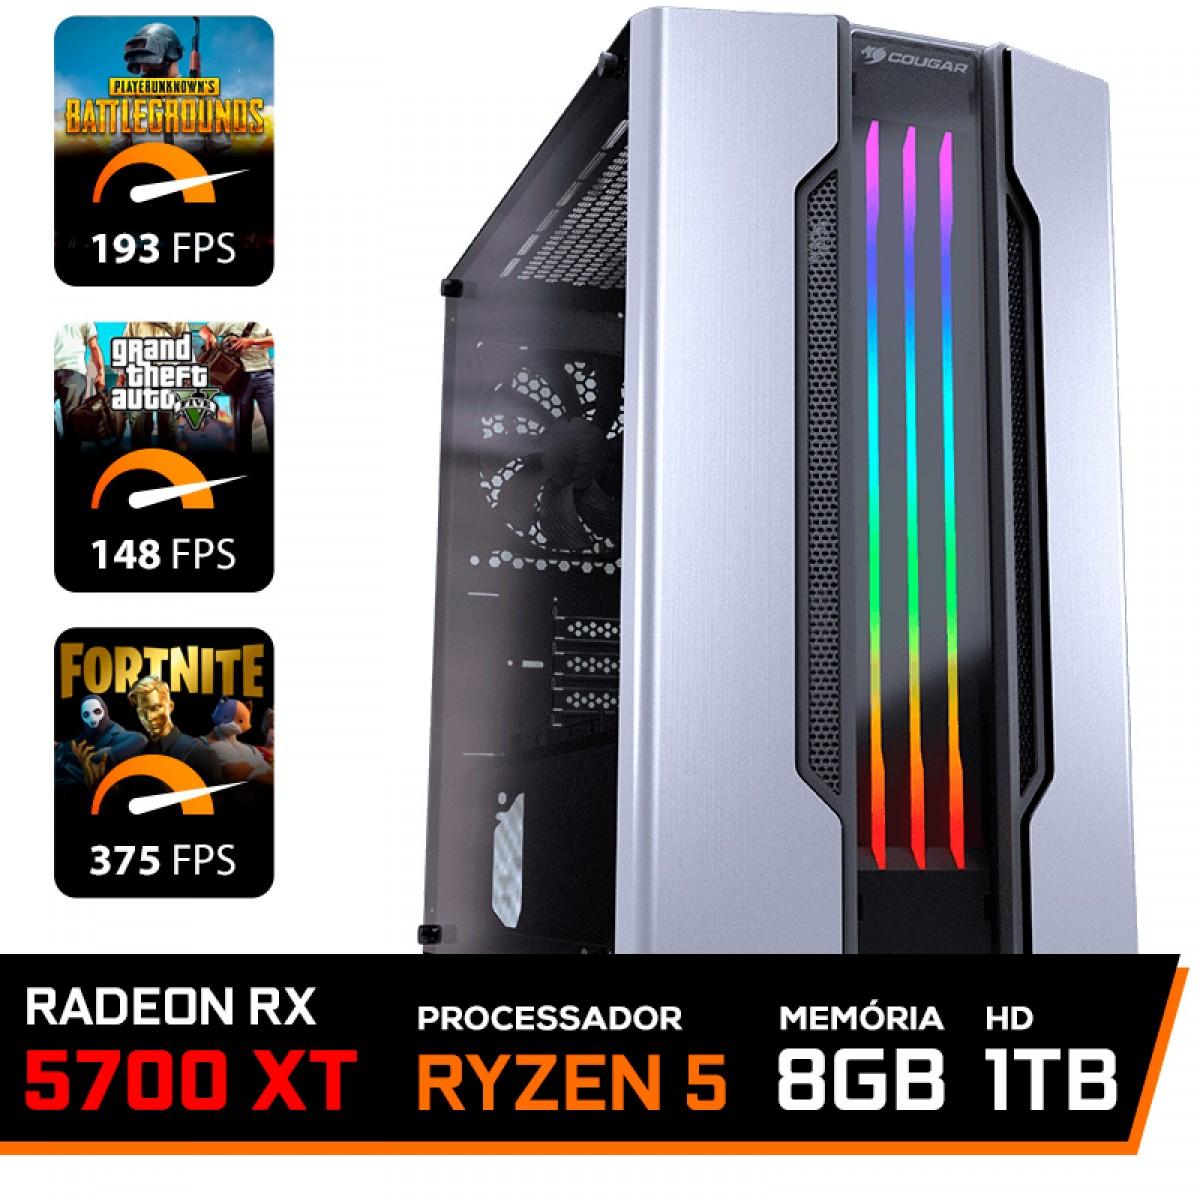 Pc Gamer T-General Lvl-7 Amd Ryzen 5 3600 / Radeon NAVI RX 5700 XT 8GB / DDR4 8GB / HD 1TB / 600W